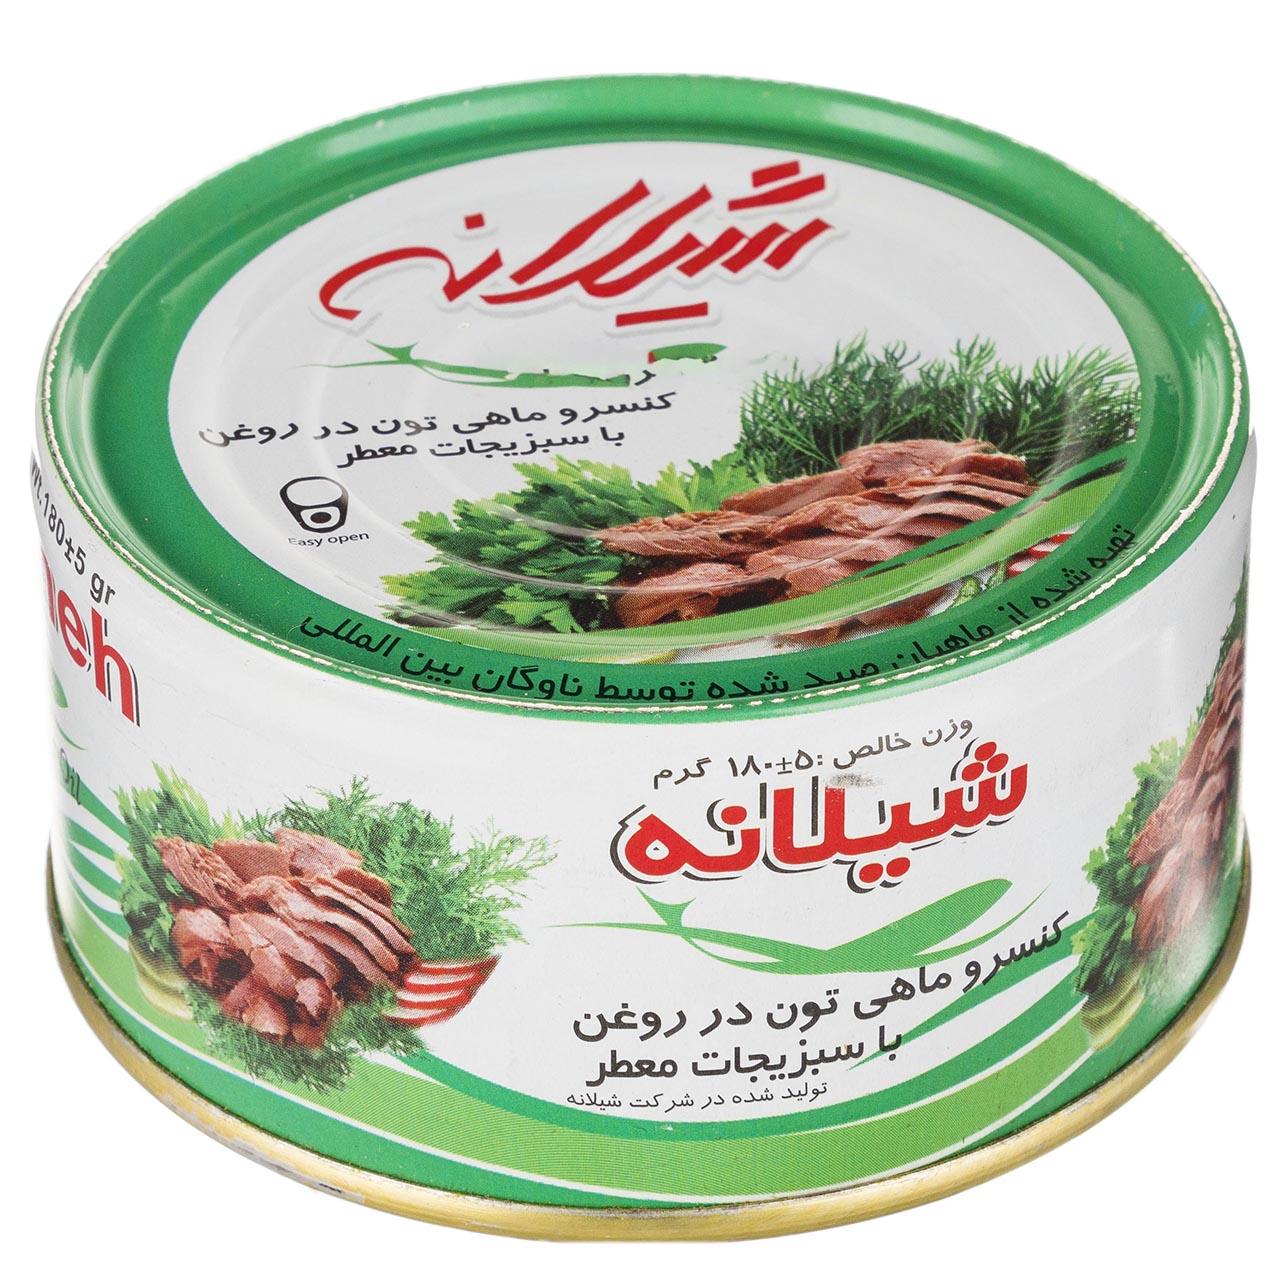 کنسرو ماهی تون در روغن با سبزیجات معطر شیلانه مقدار 180 گرم